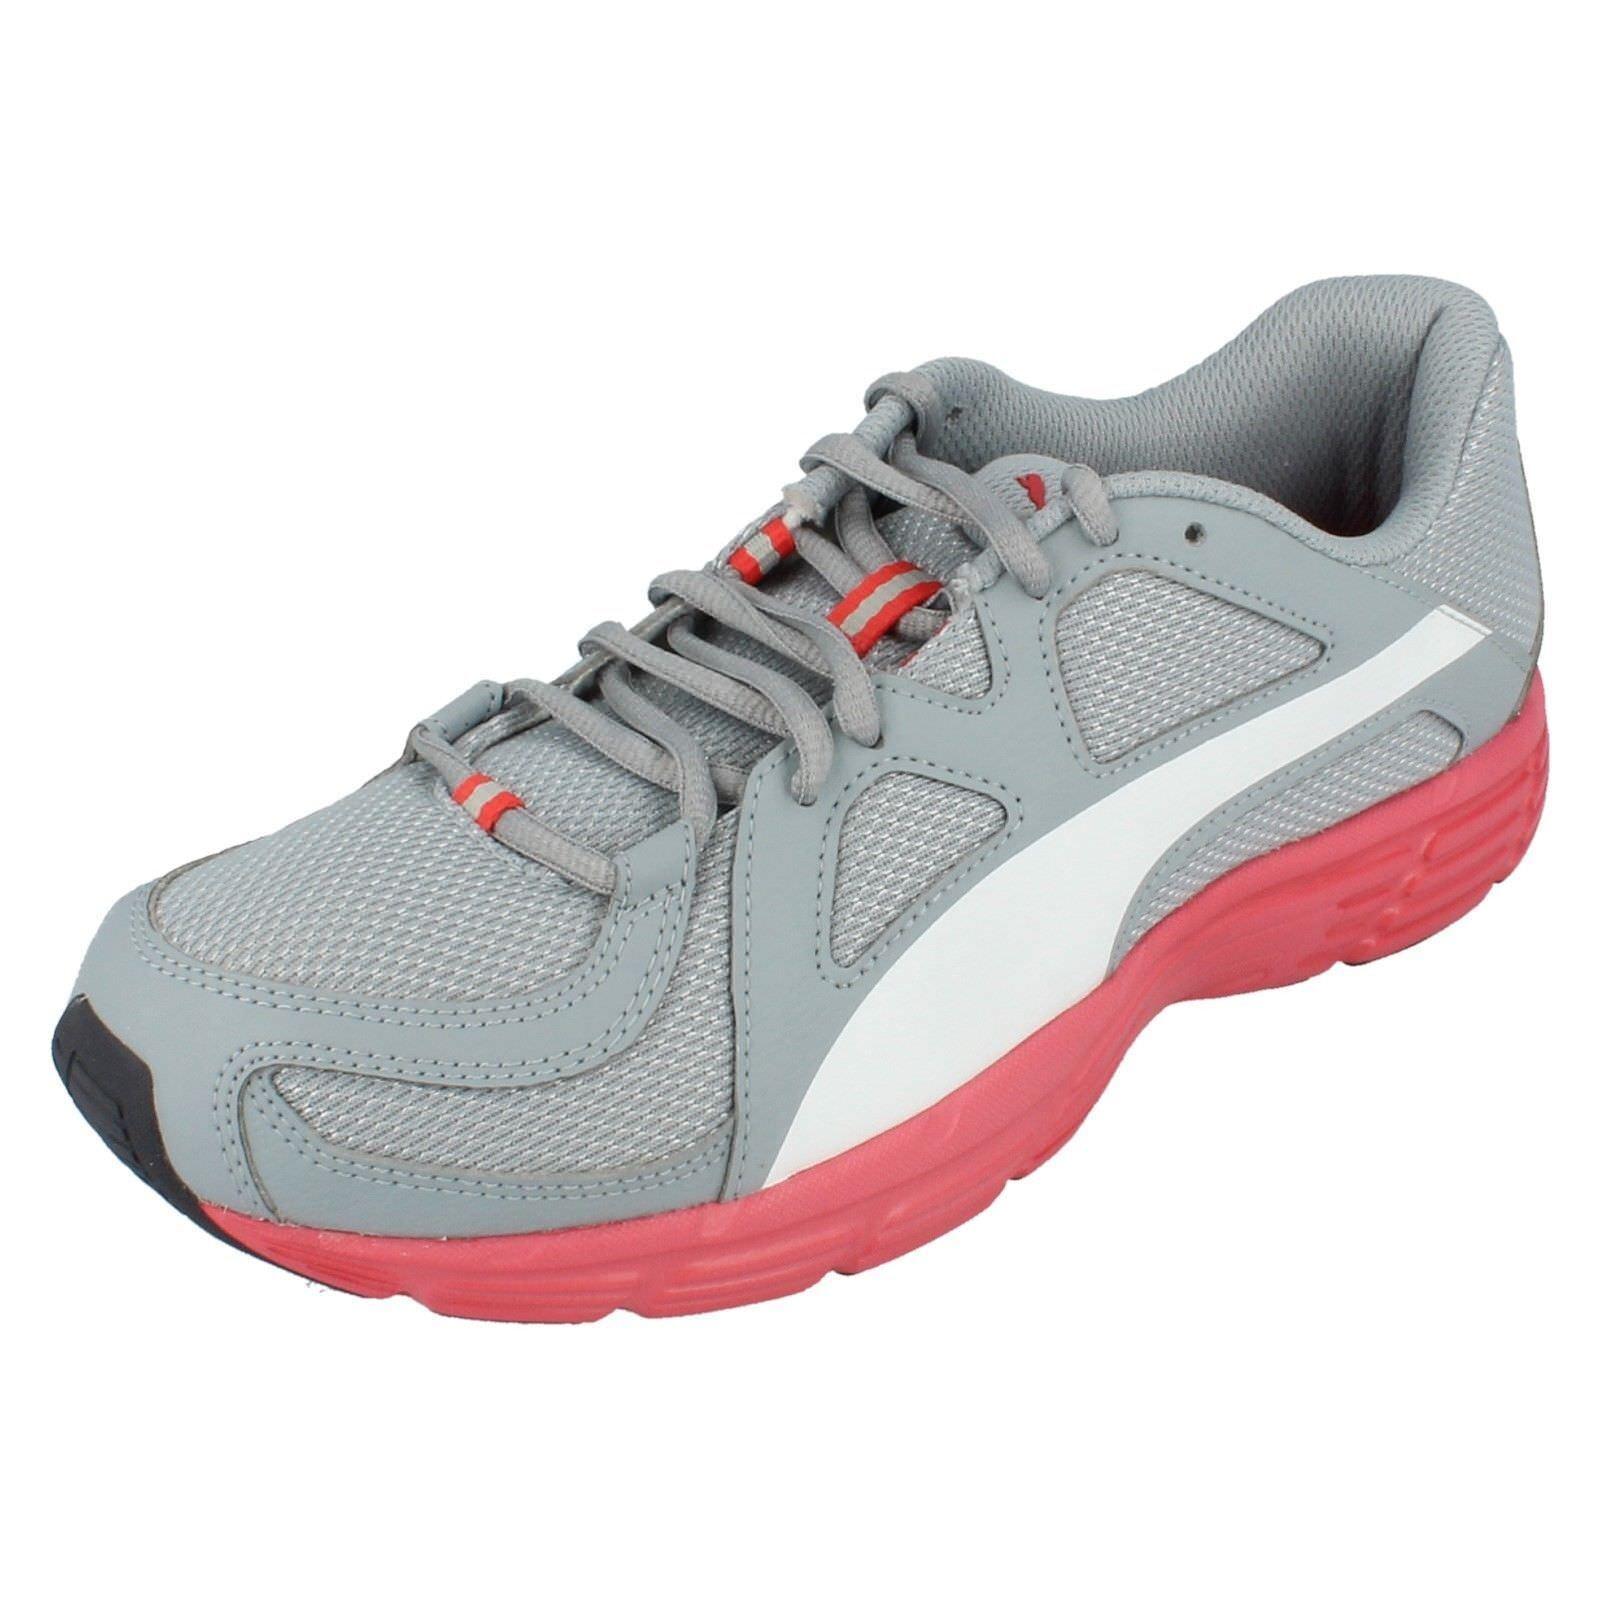 finest selection a1116 91518 Hombre Puma cordones ligero puntera redonda peso ligero cordones running  Trainer Shoes eje V3 malla el modelo mas vendido de la marca 87038d